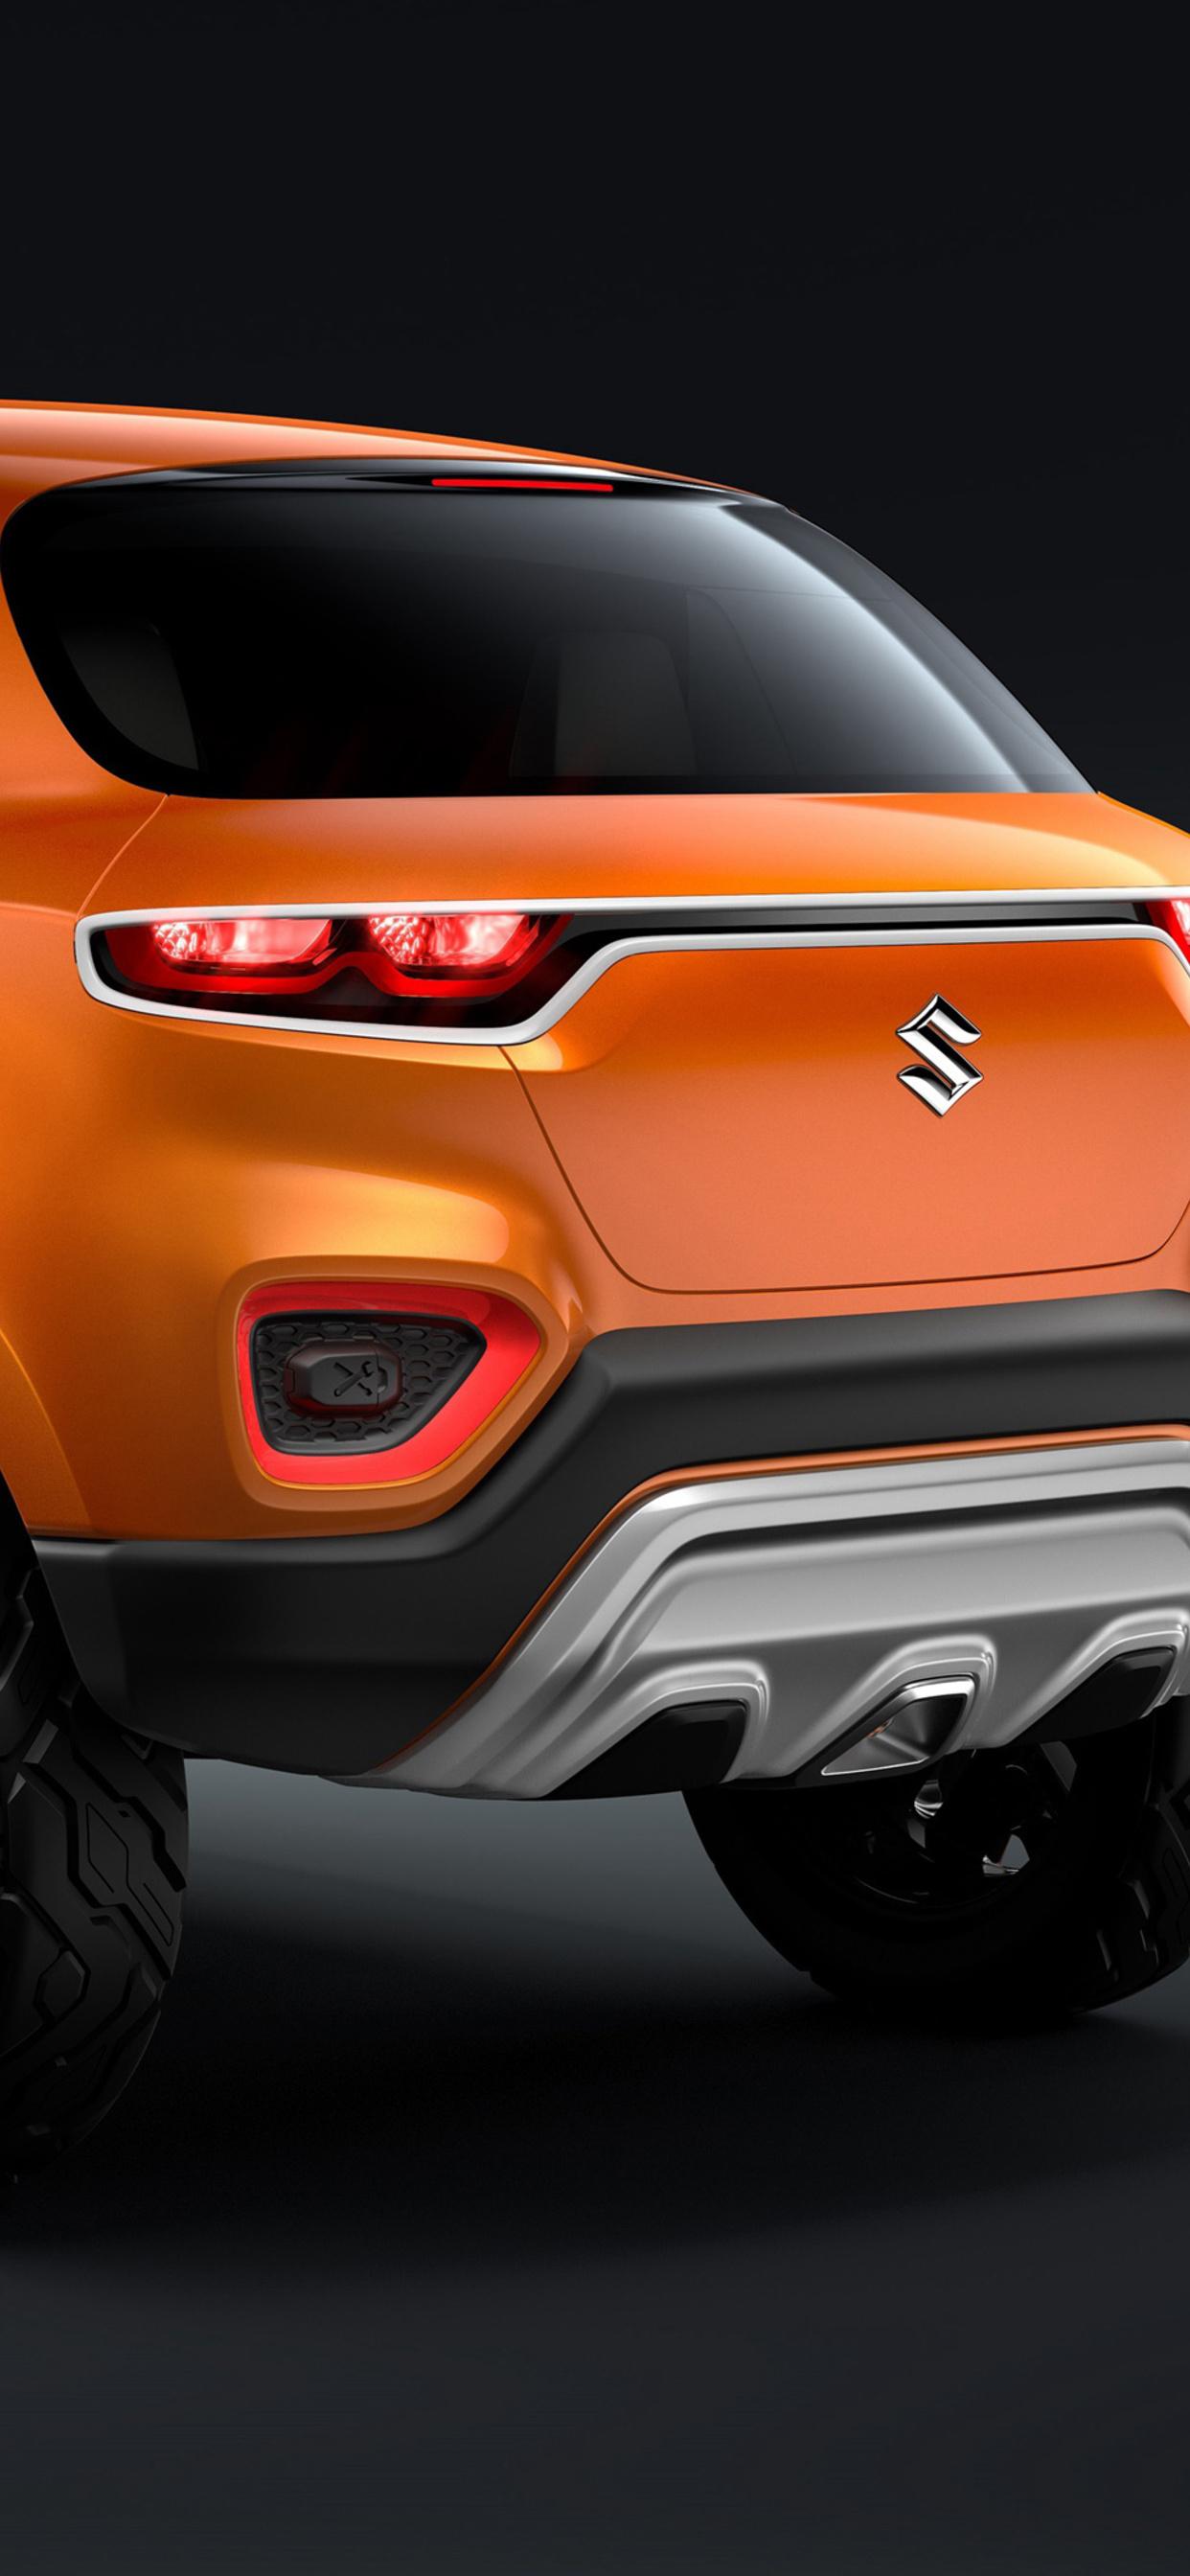 suzuki-concept-future-s-2018-rear-6f.jpg